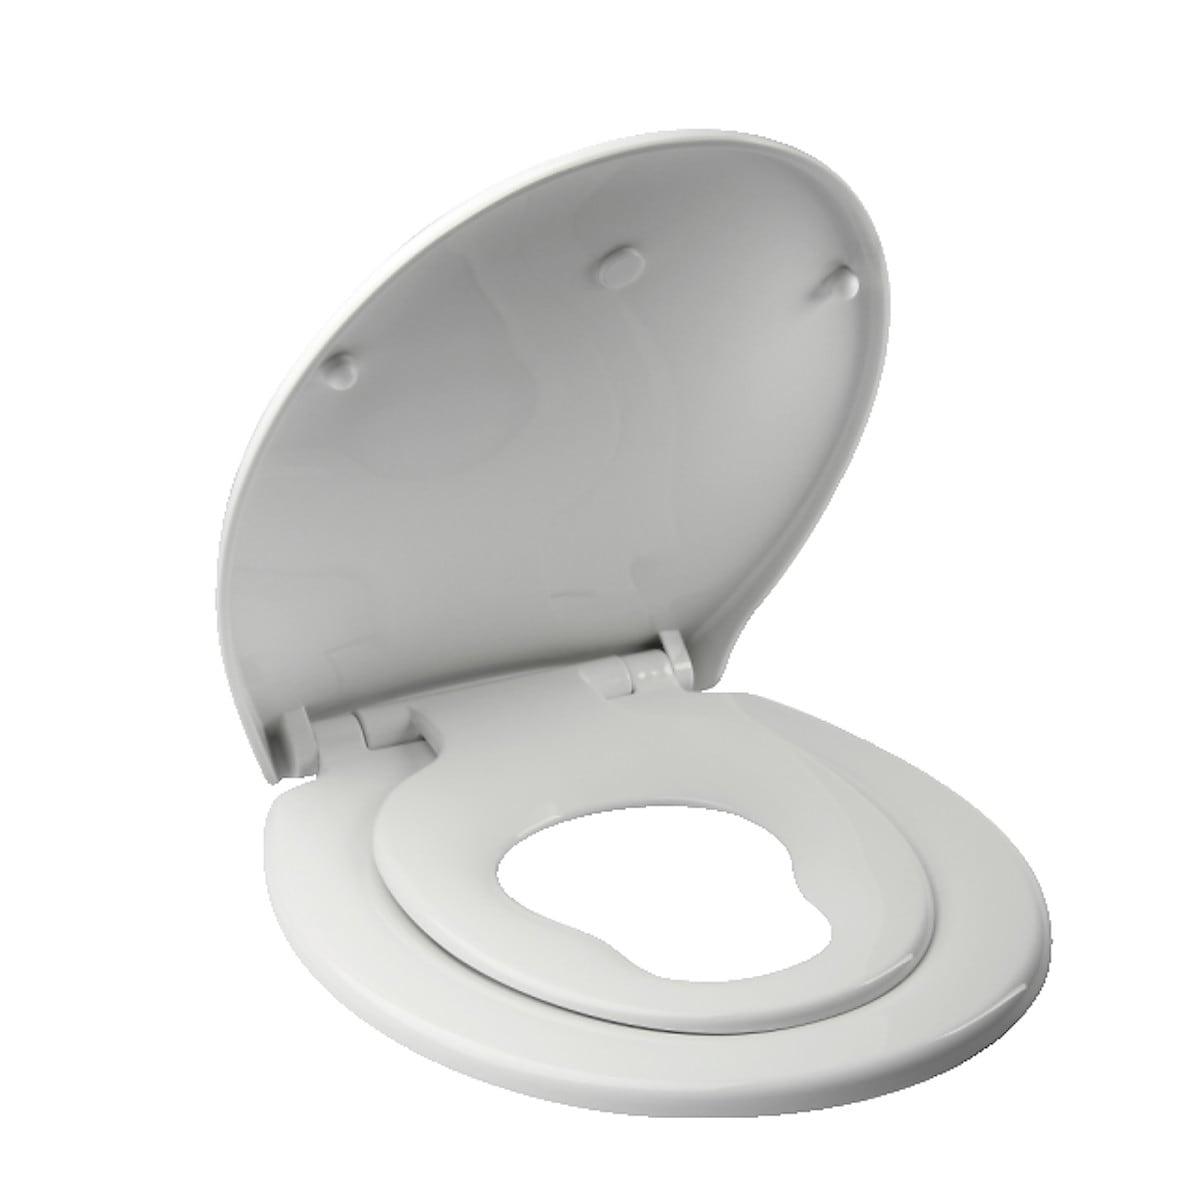 WC:n kansi, perhemalli